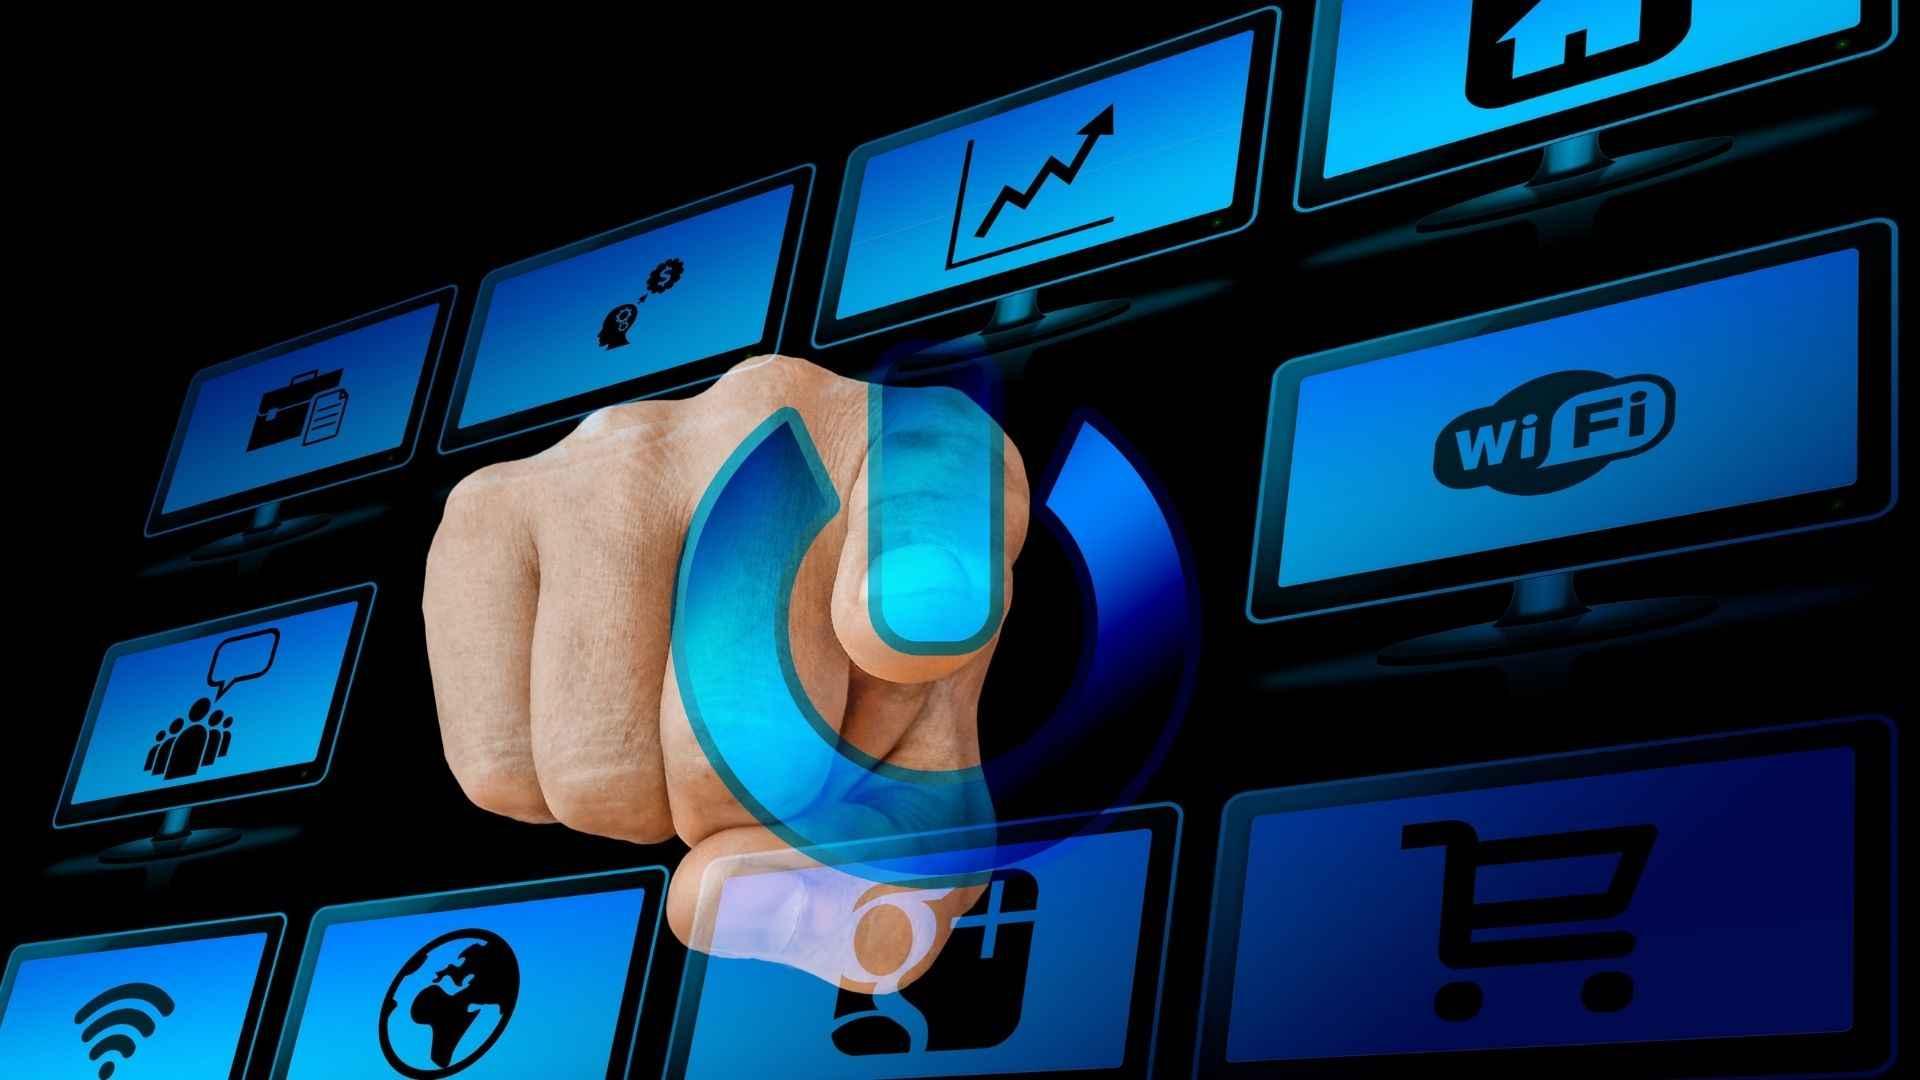 Geração Digital Maravilhoso Mundo Novo …